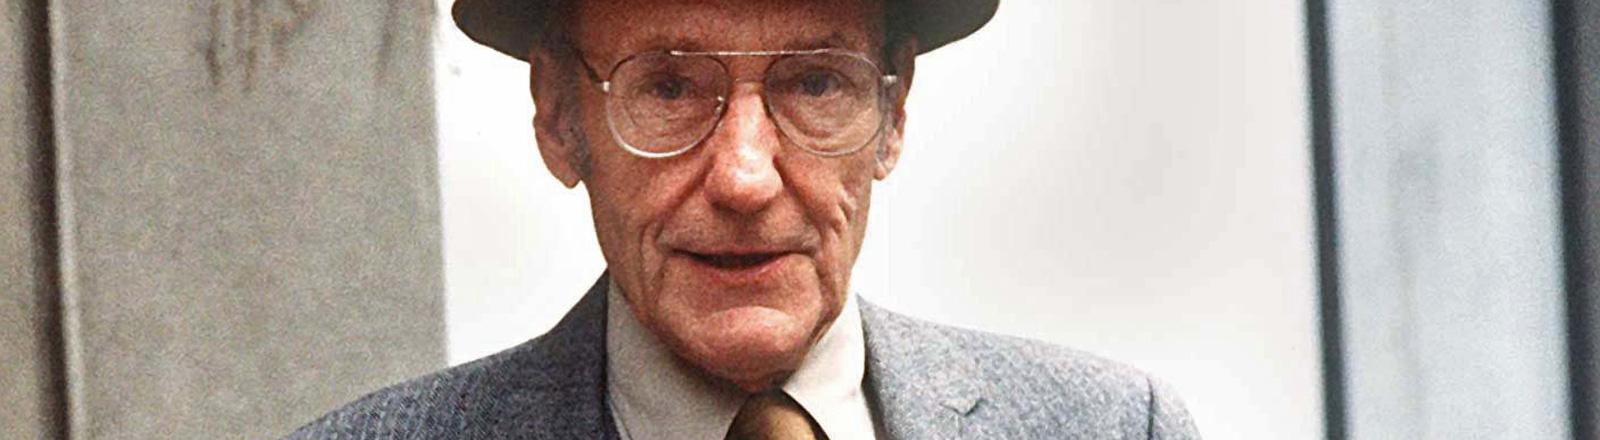 Portrait von William S. Burroughs im Alter von 70 Jahren. Er trägt Hut, Brille und Anzug; Bild: dpa